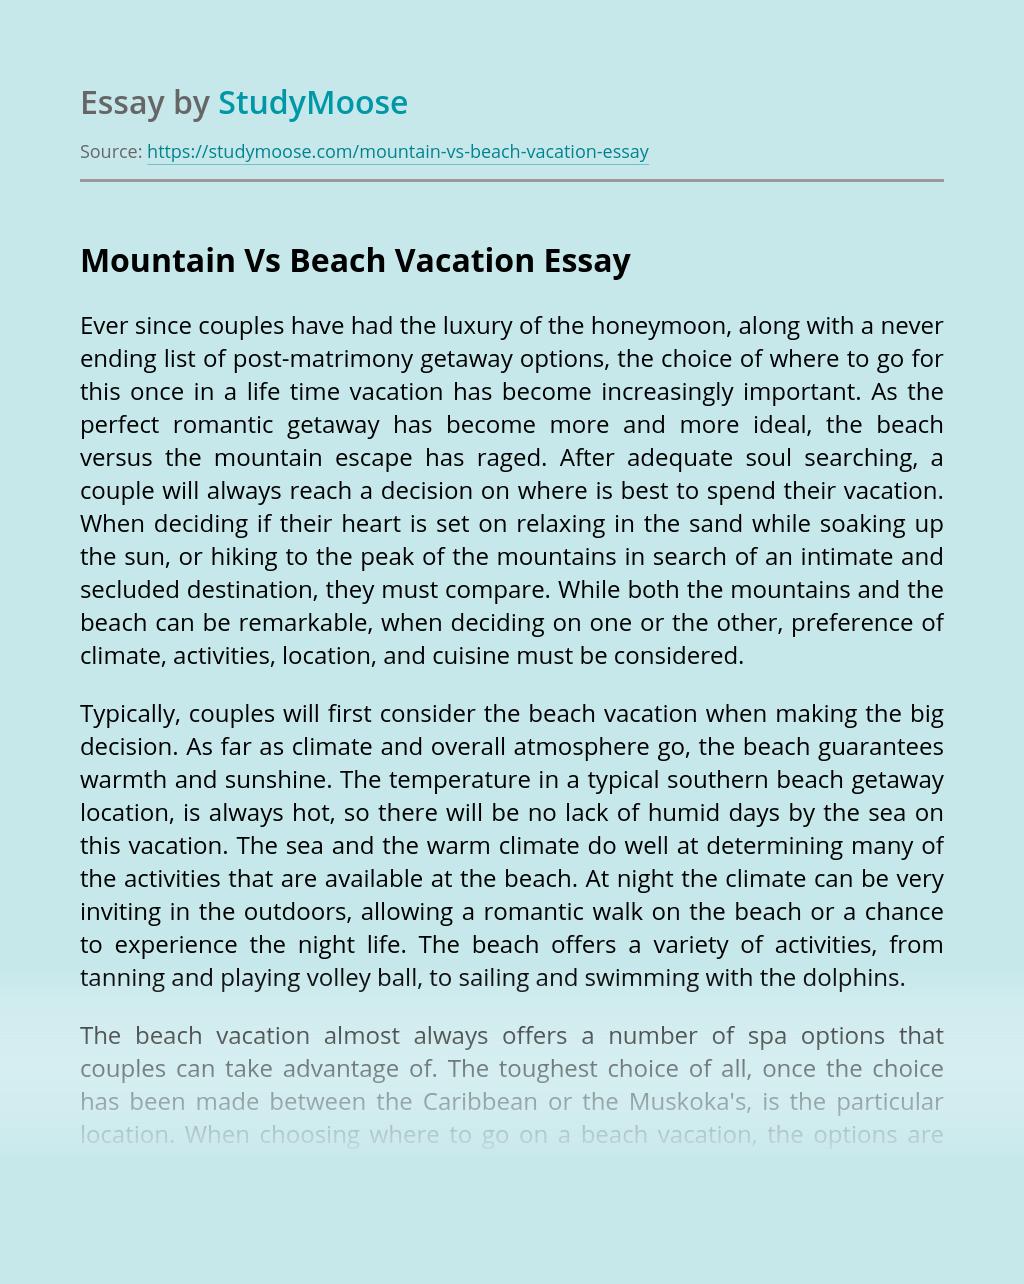 Mountain Vs Beach Vacation